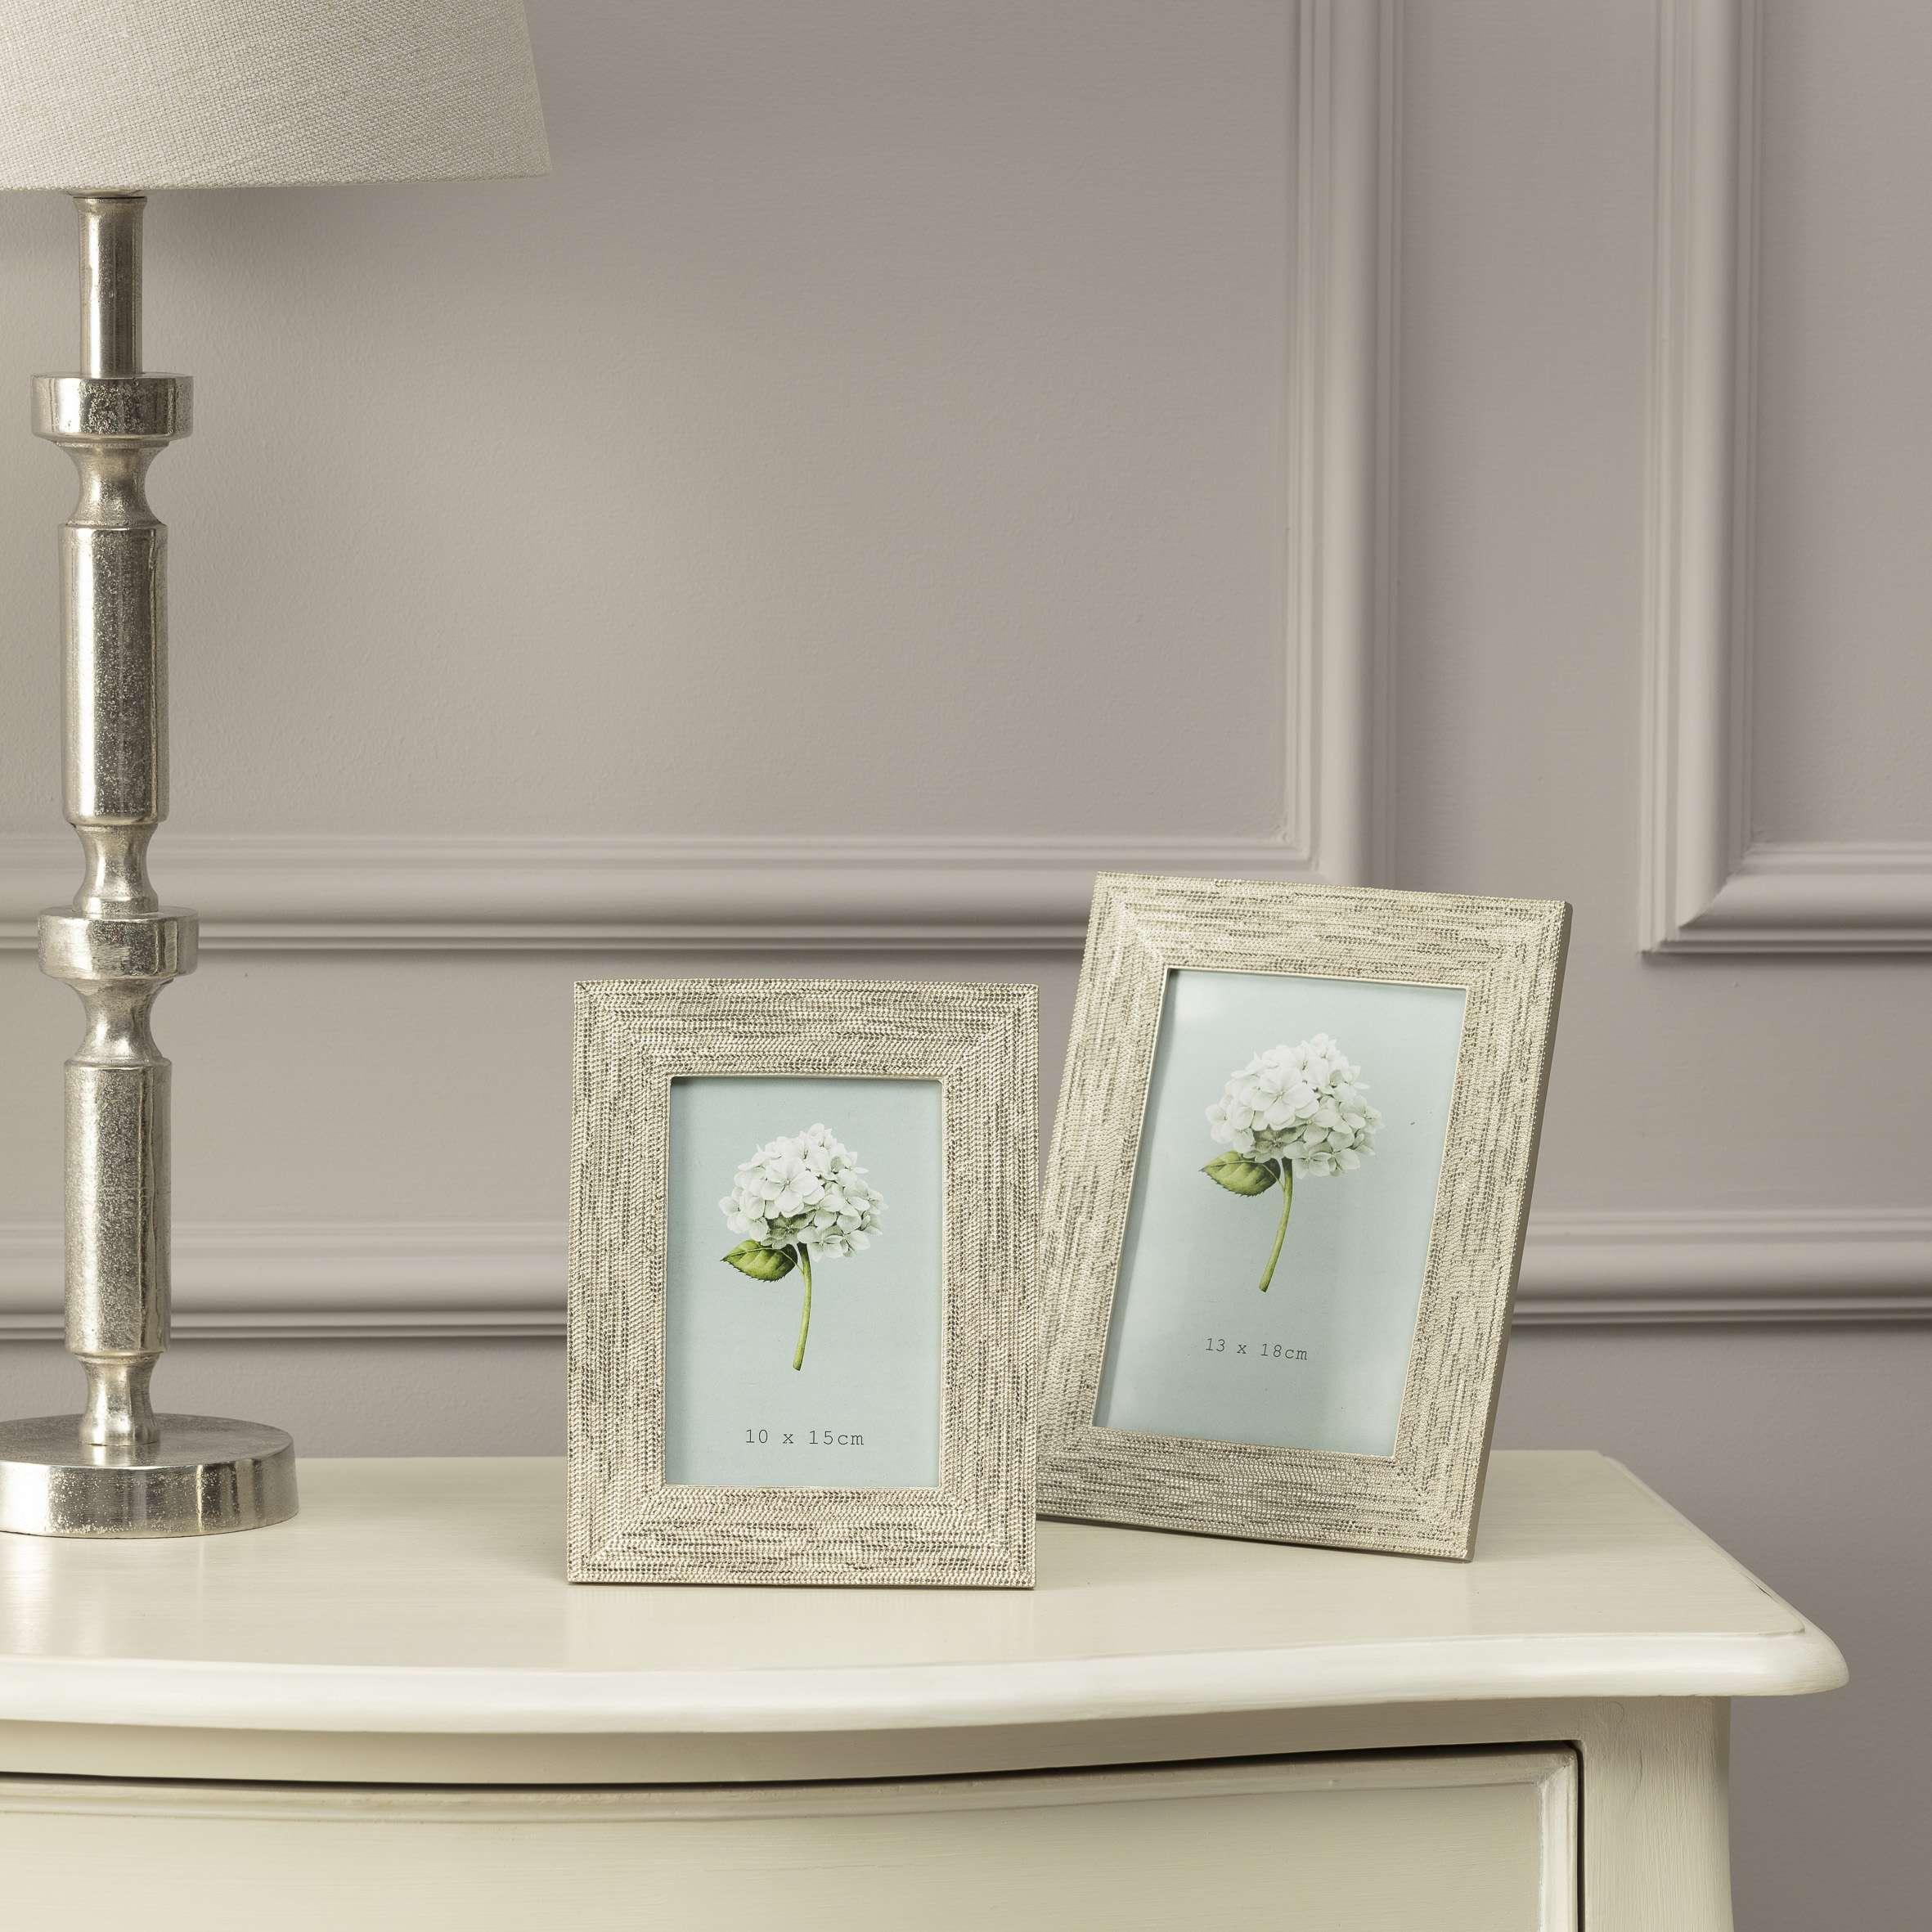 Fotorahmen Poly Silver 10 x 15 cm